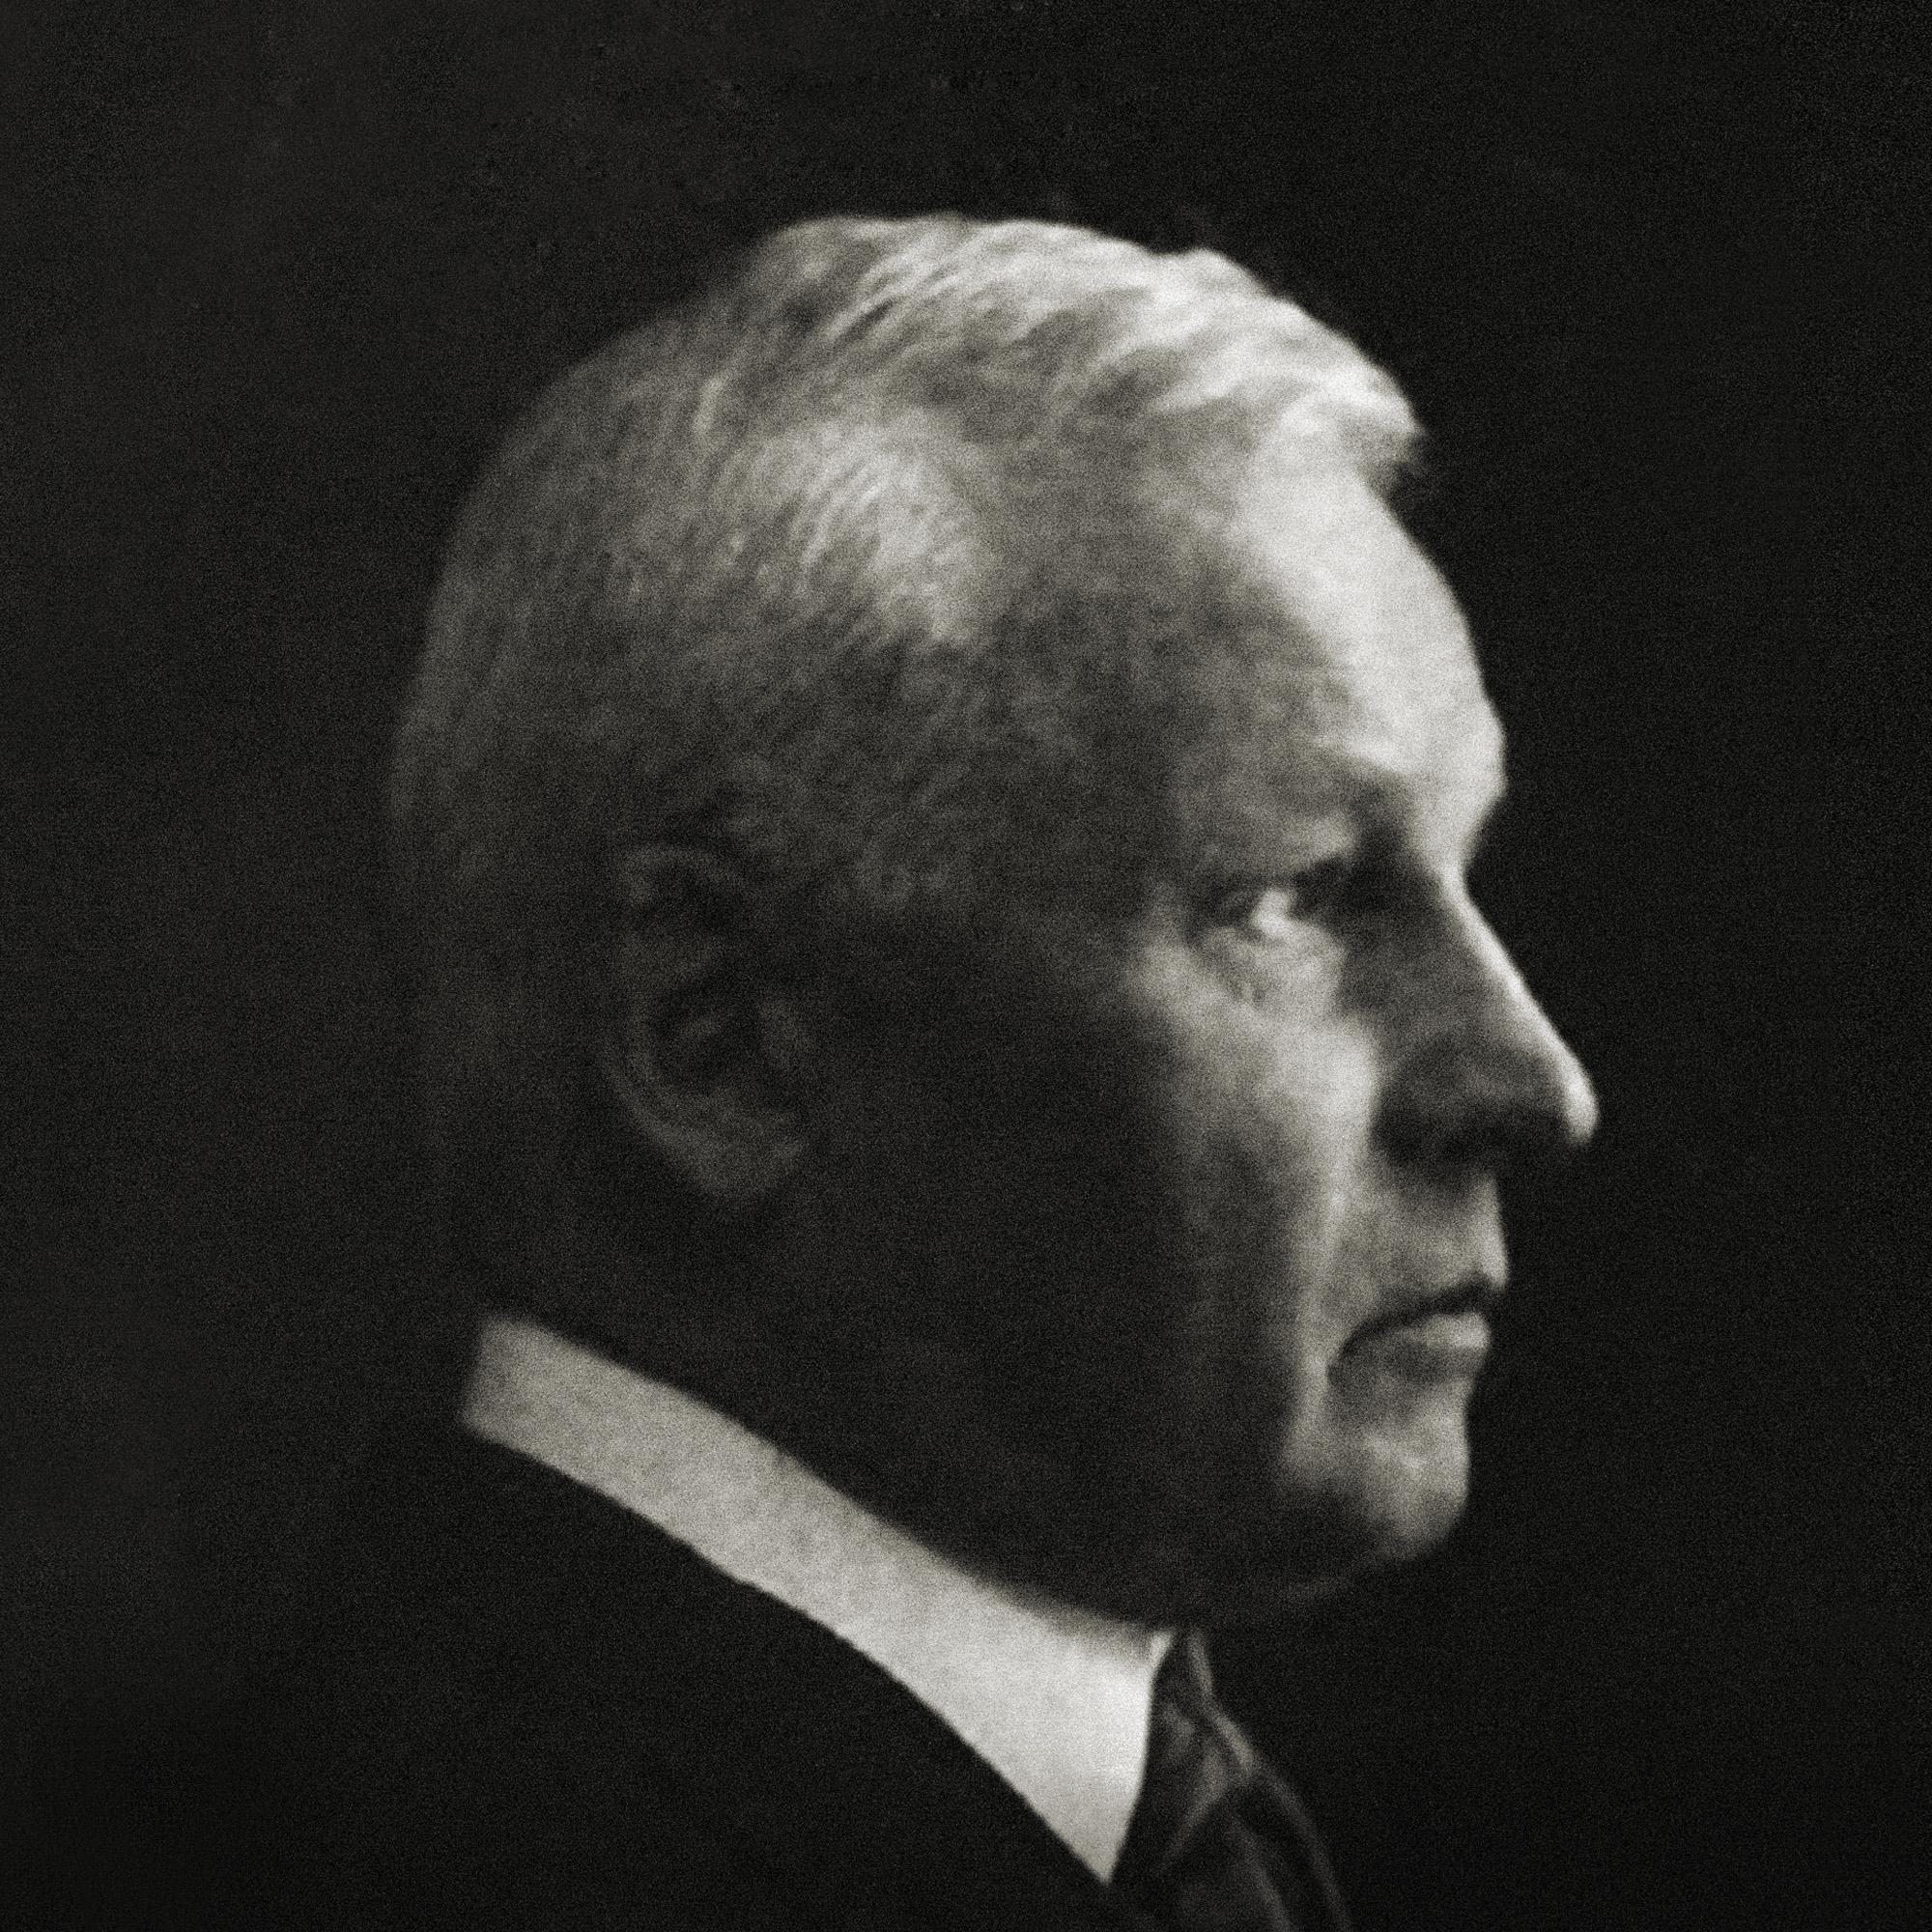 Ulrik Plesner